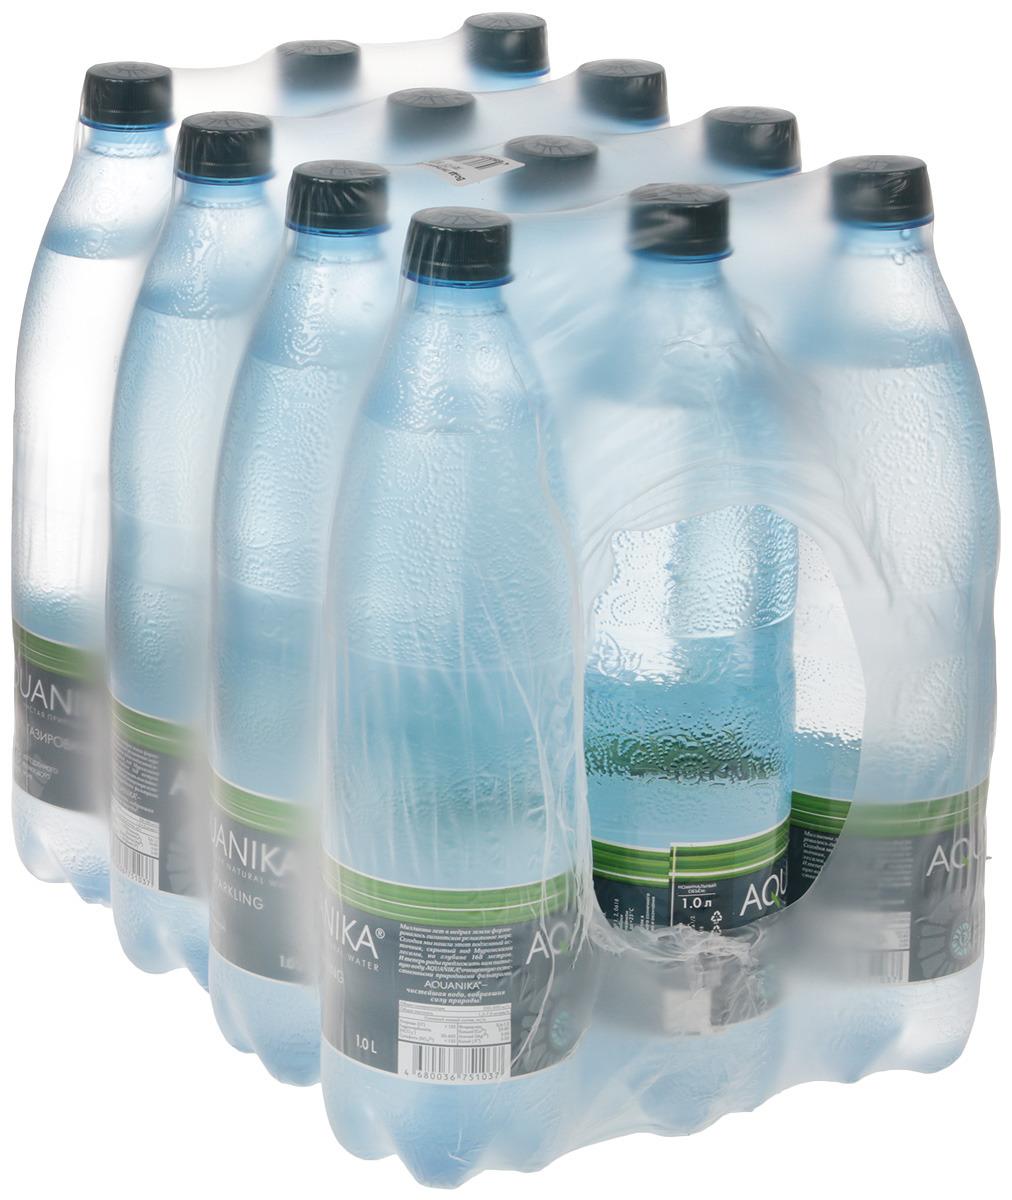 Вода Акваника высшей категории газированная, 12 шт по 1 л